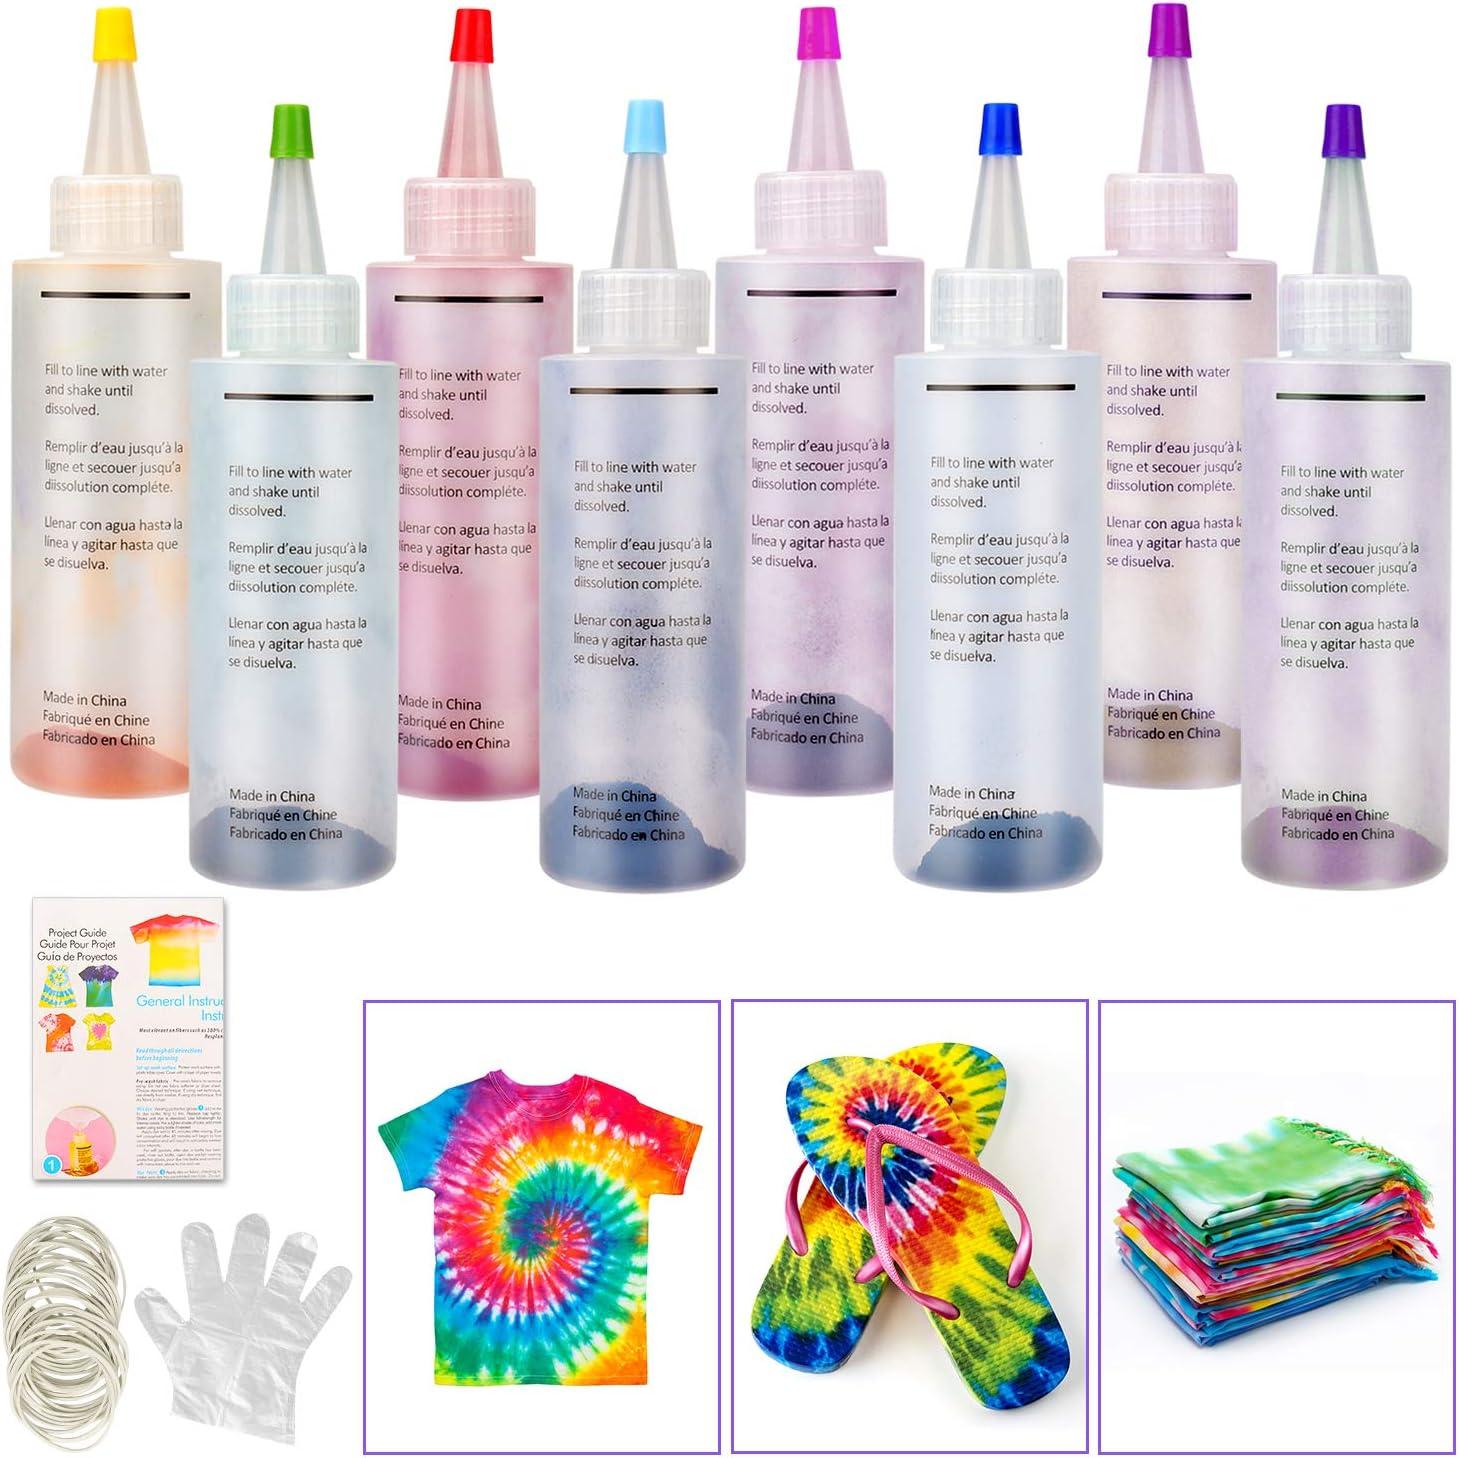 Tie Dye Kit, Sinwind 8 Colores Vibrantes Pinturas Textiles de Tela, con 40 Bandas de Goma, 8 Pcs de Guantes de Plástico, para Tela Pinturas, ...